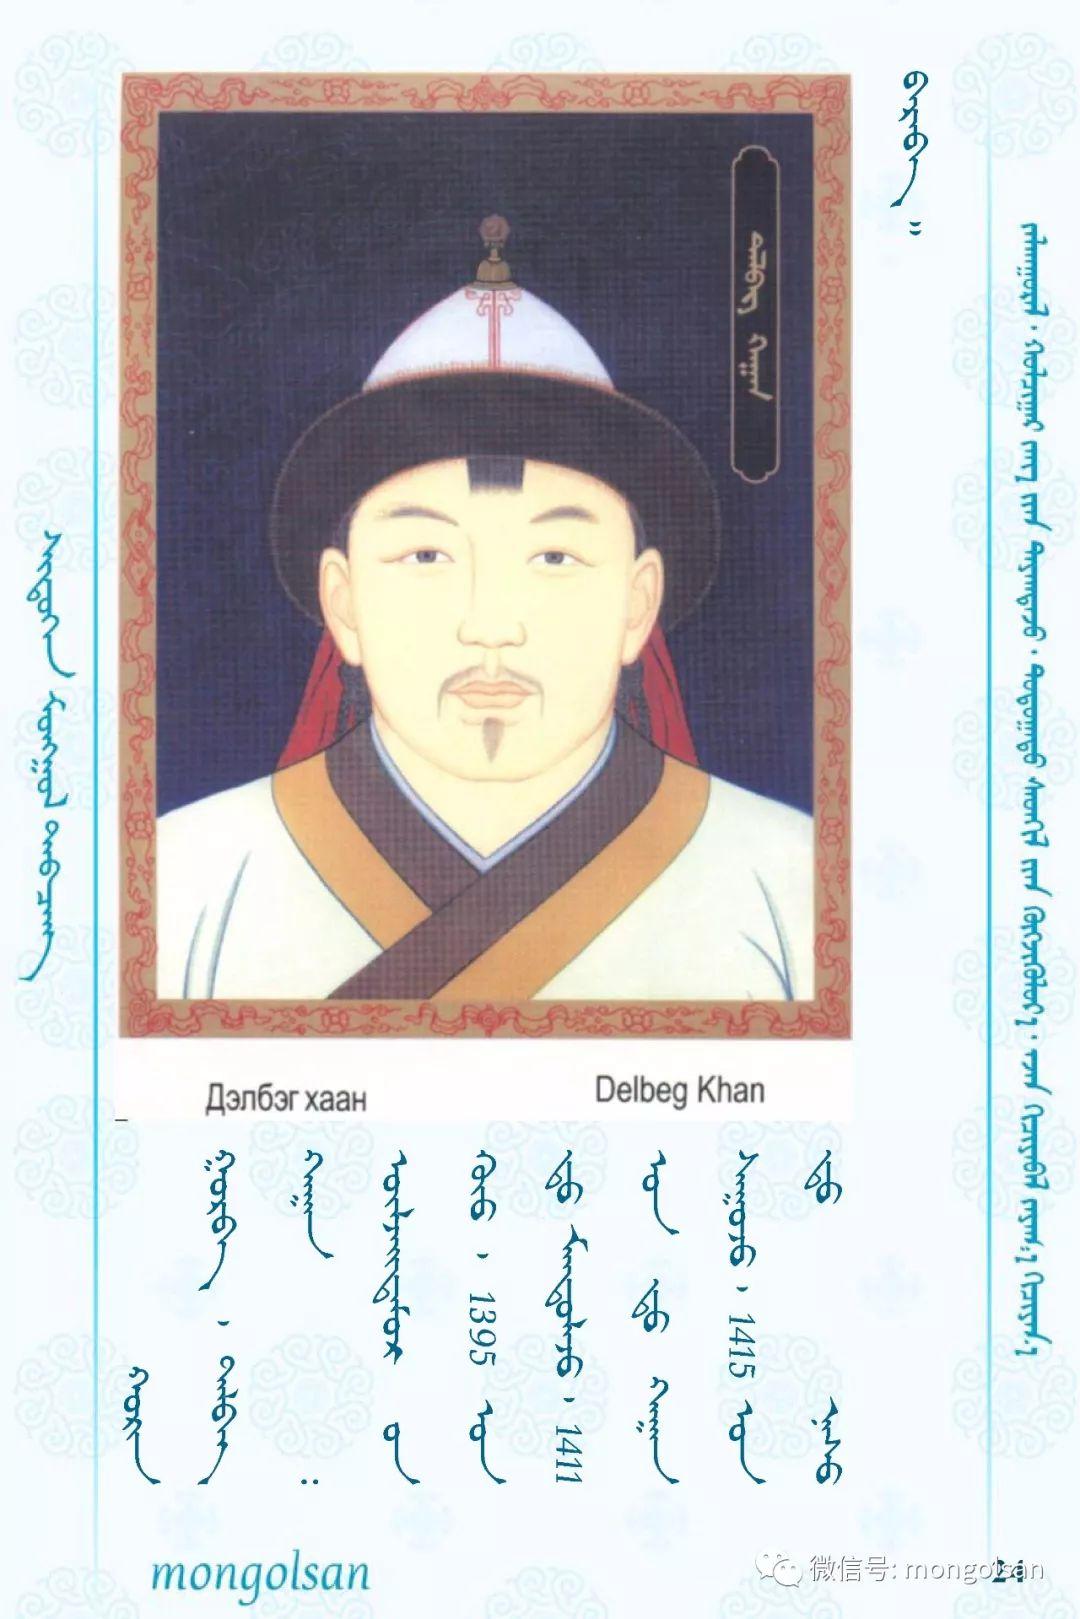 【关注】蒙古皇帝列表 第24张